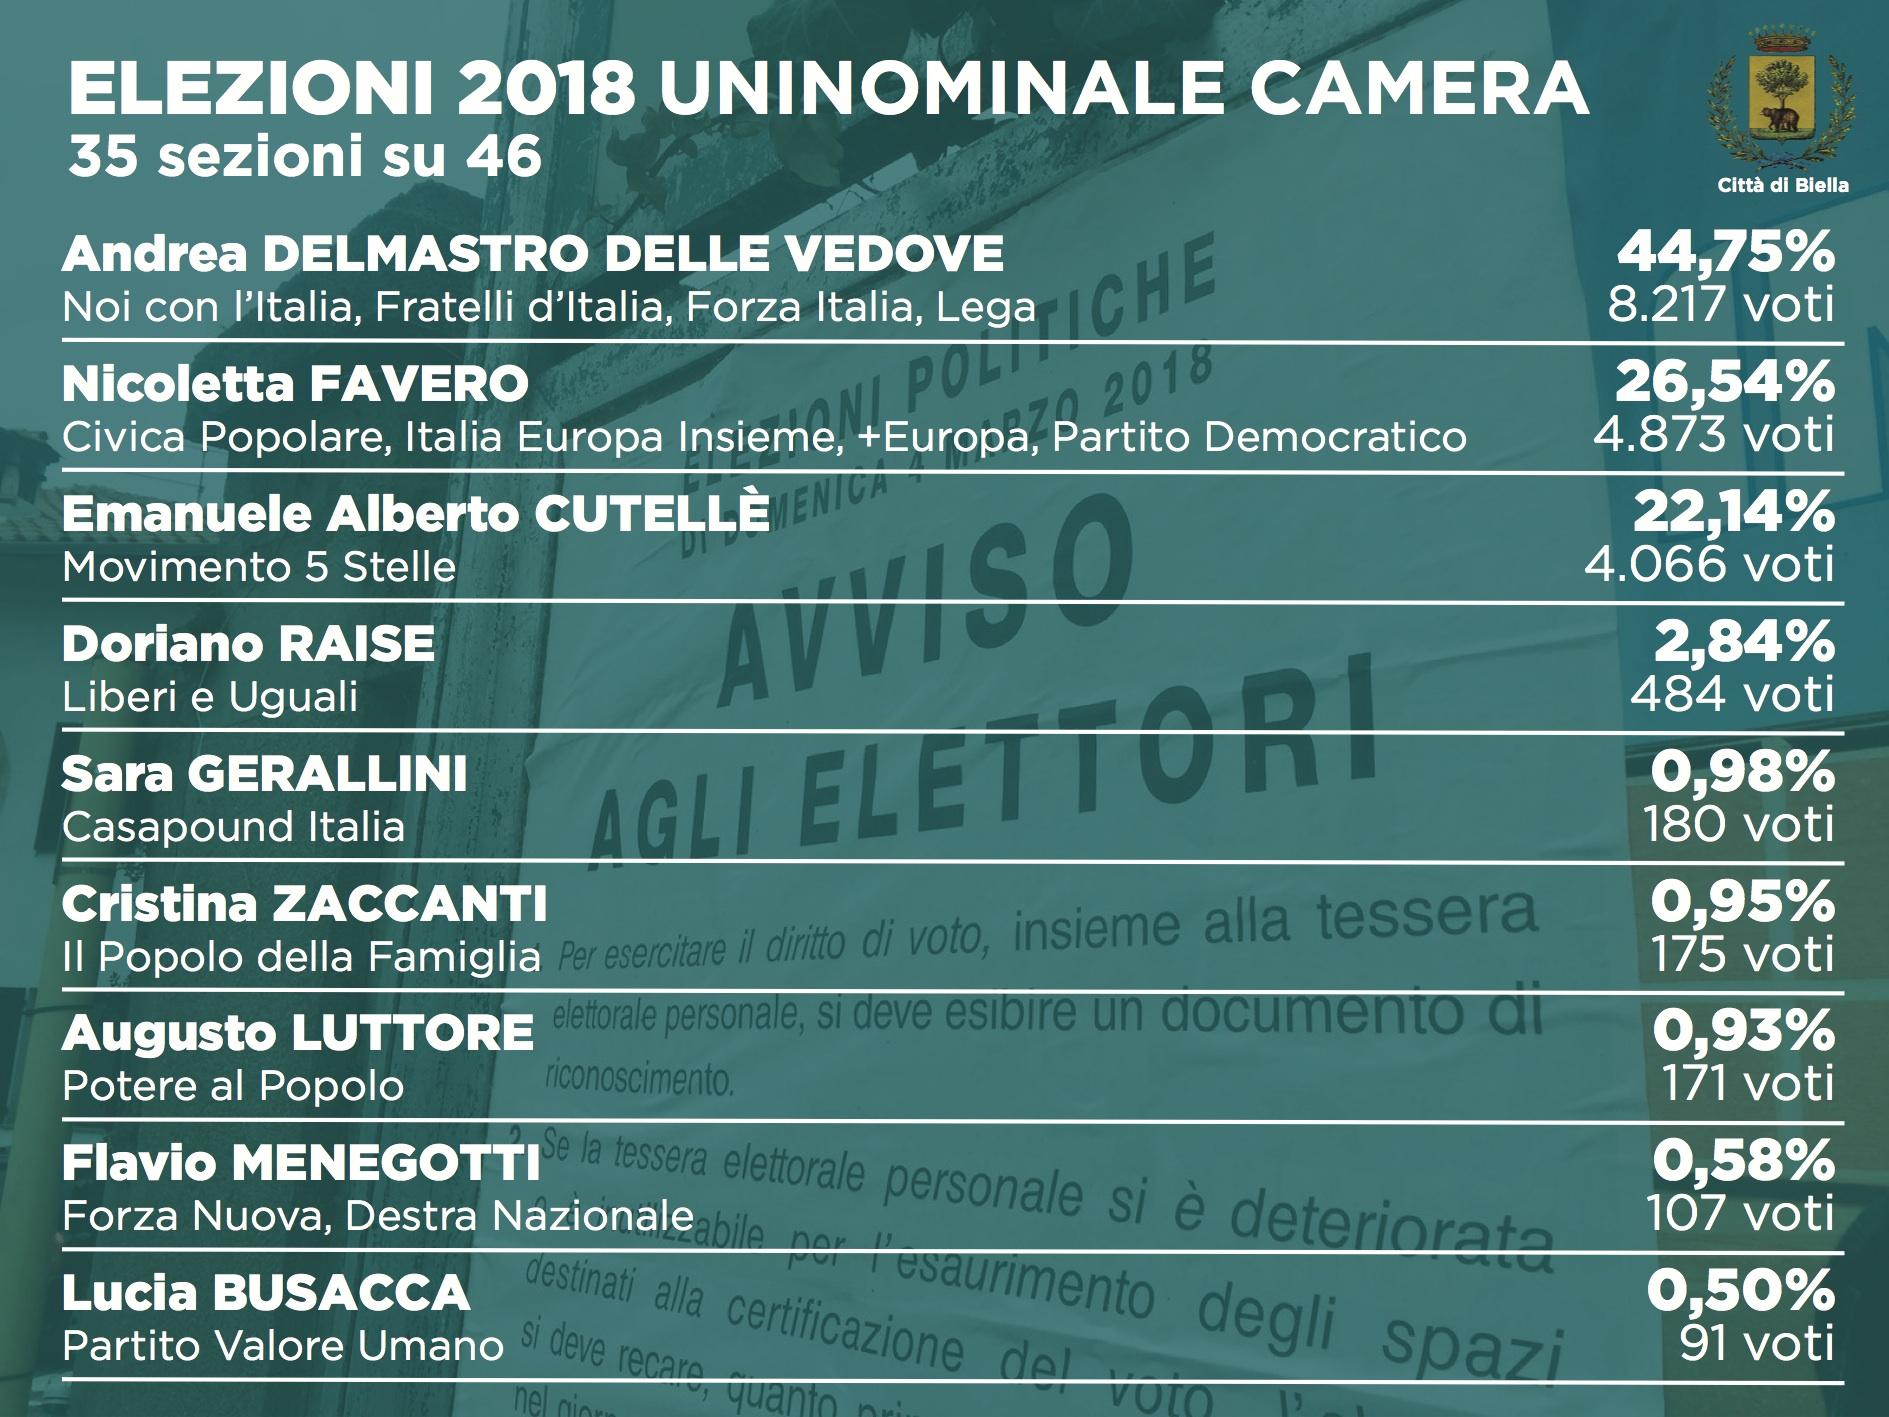 Elezioni 2018: i dati dell'uninominale alla Camera (35 sezioni su 46)